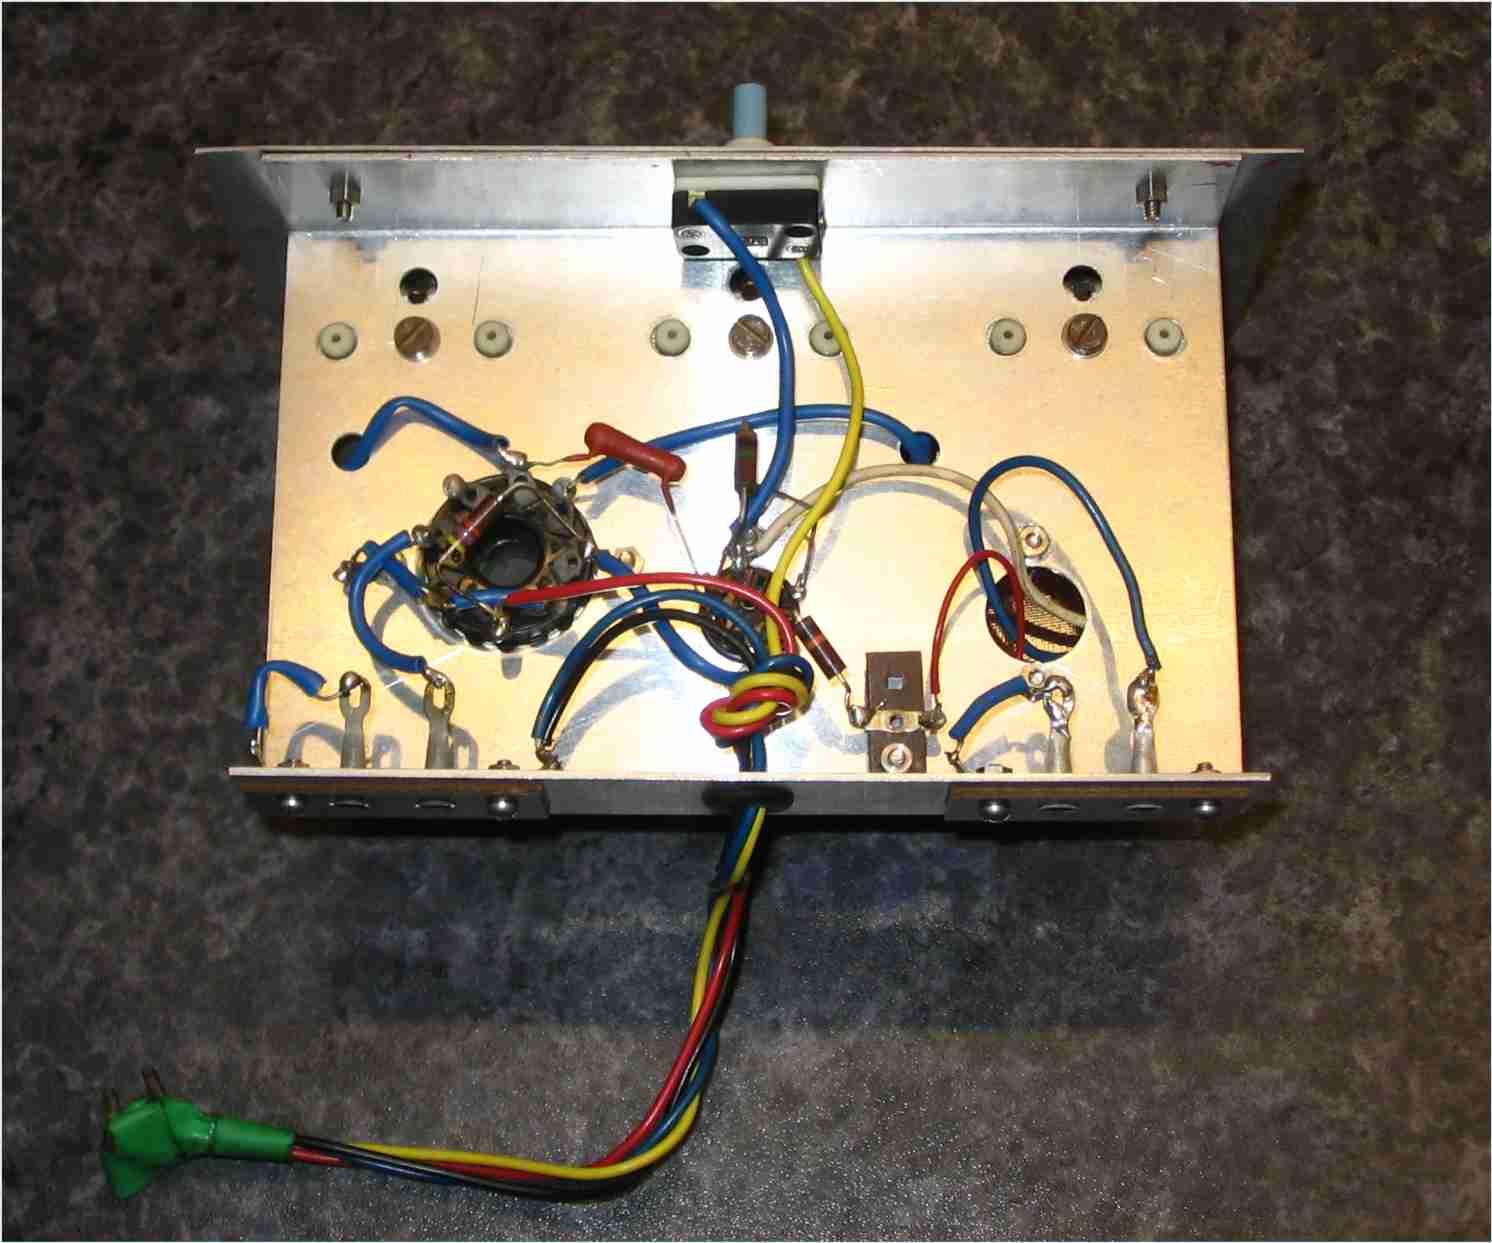 4 Transistor Fm Tracking Transmitter Circuit Diagram